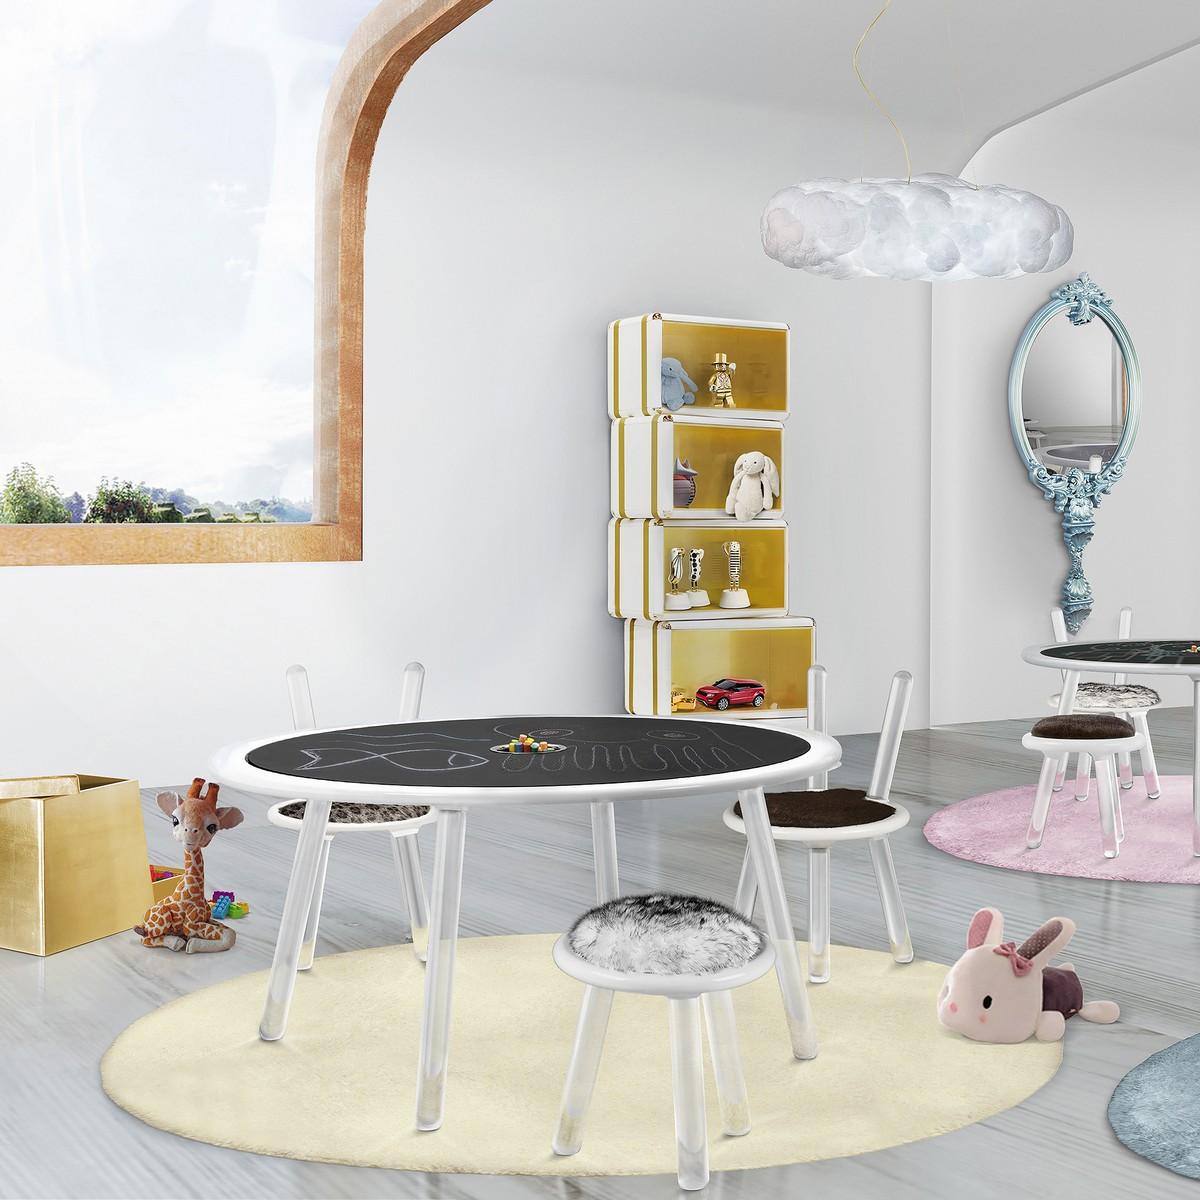 kids room, kids bedroom, luxury furniture, child's room, circu, magical furniture, magic, room decor, kids room decor, childs room decor, decor, table, design